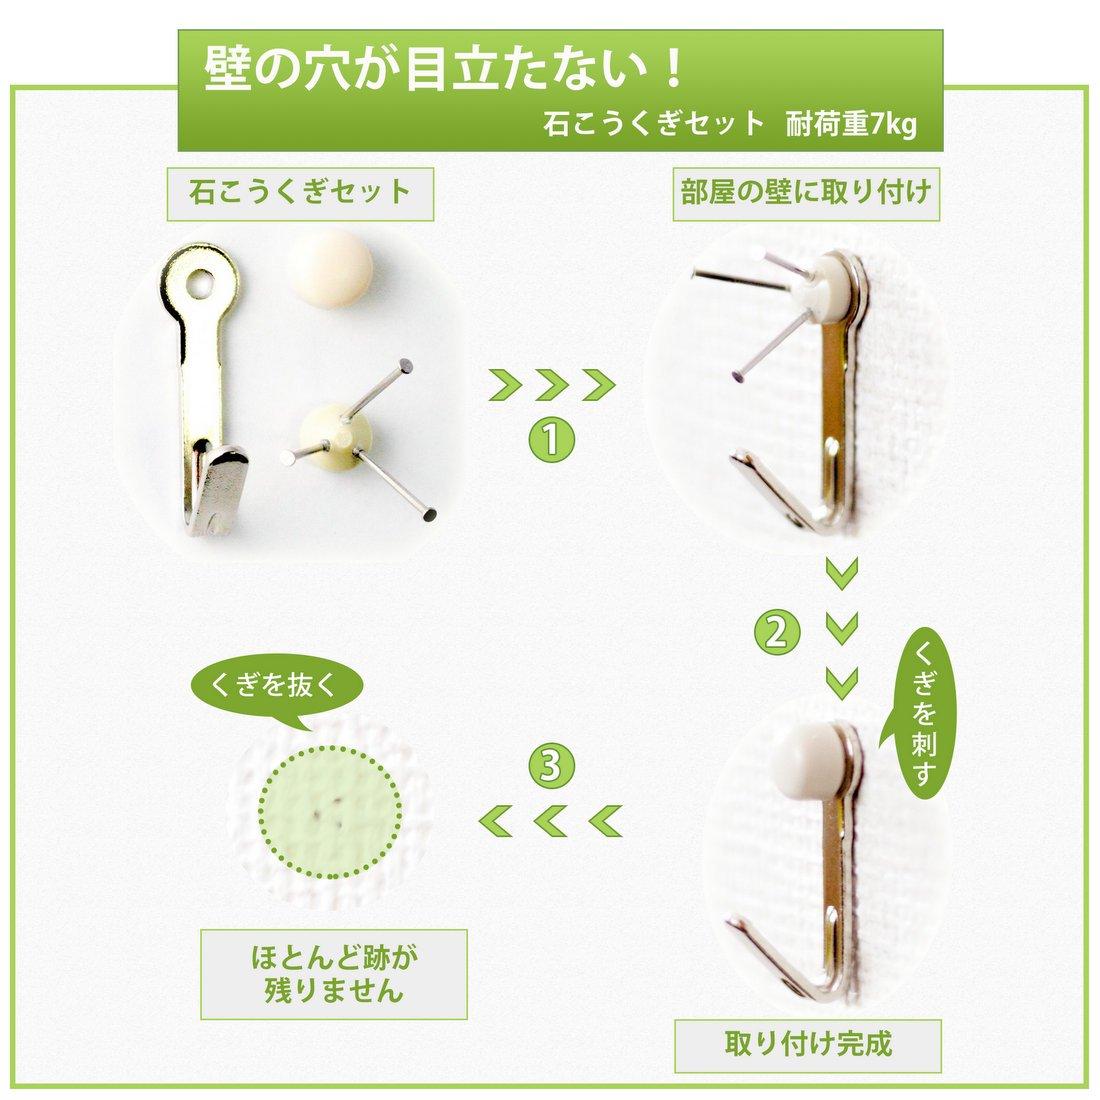 【アートフォト 絵画 壁掛け】初夏のこもれび(2012)(レンタル対象)